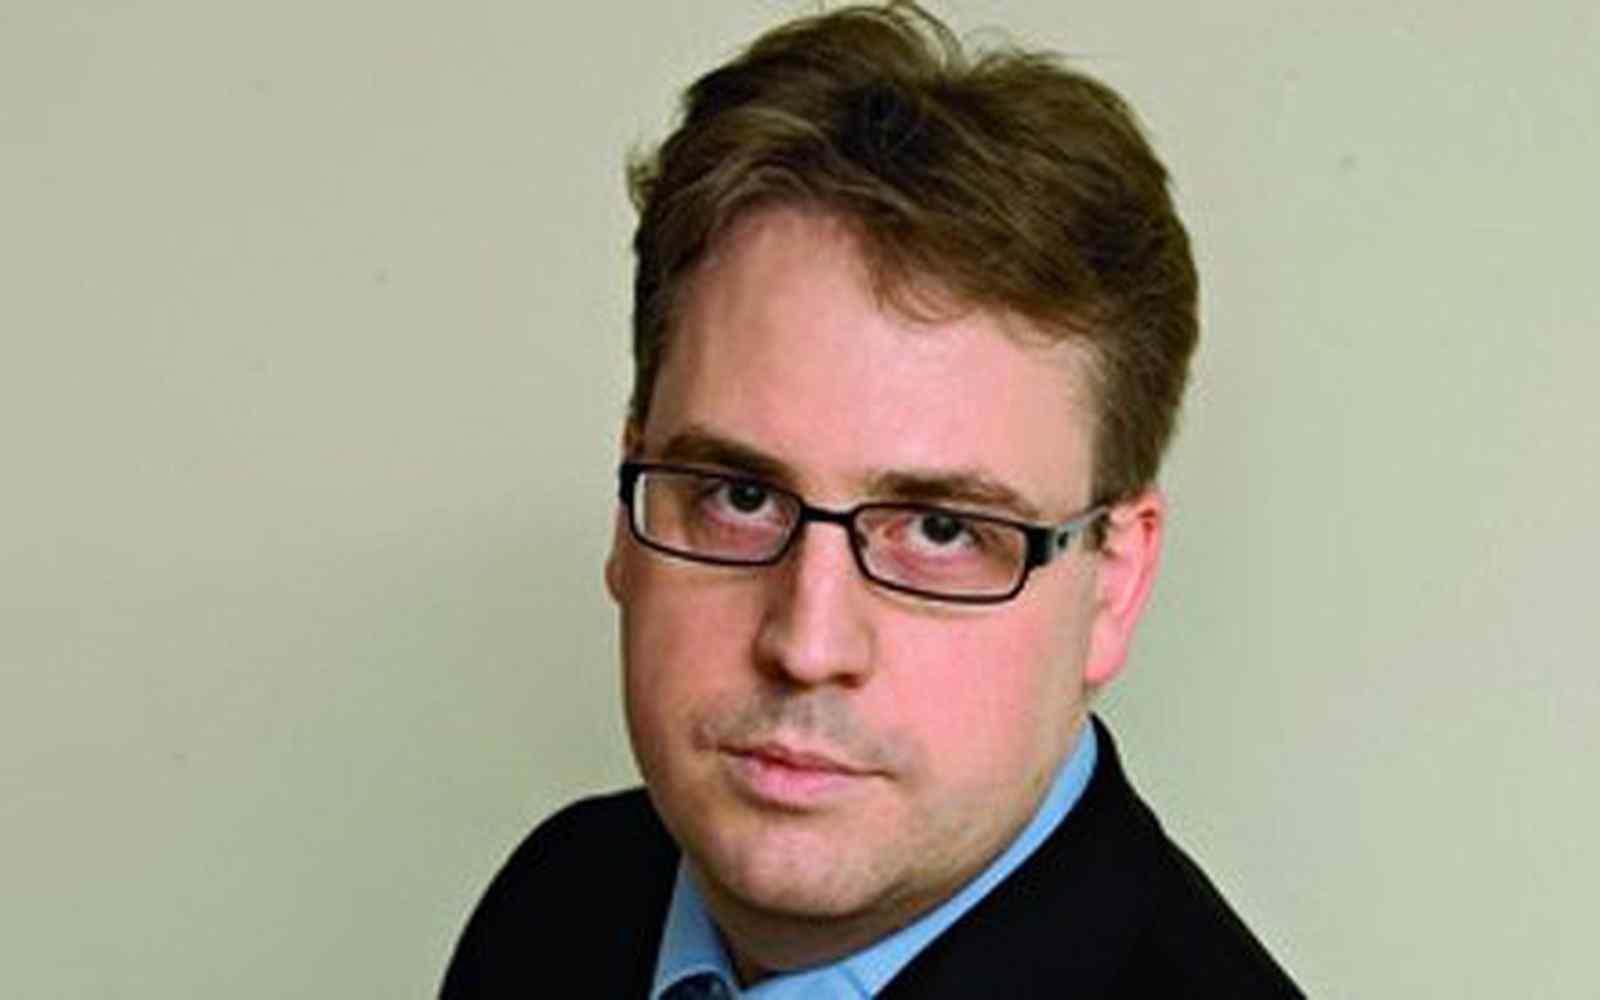 Tim Shipman